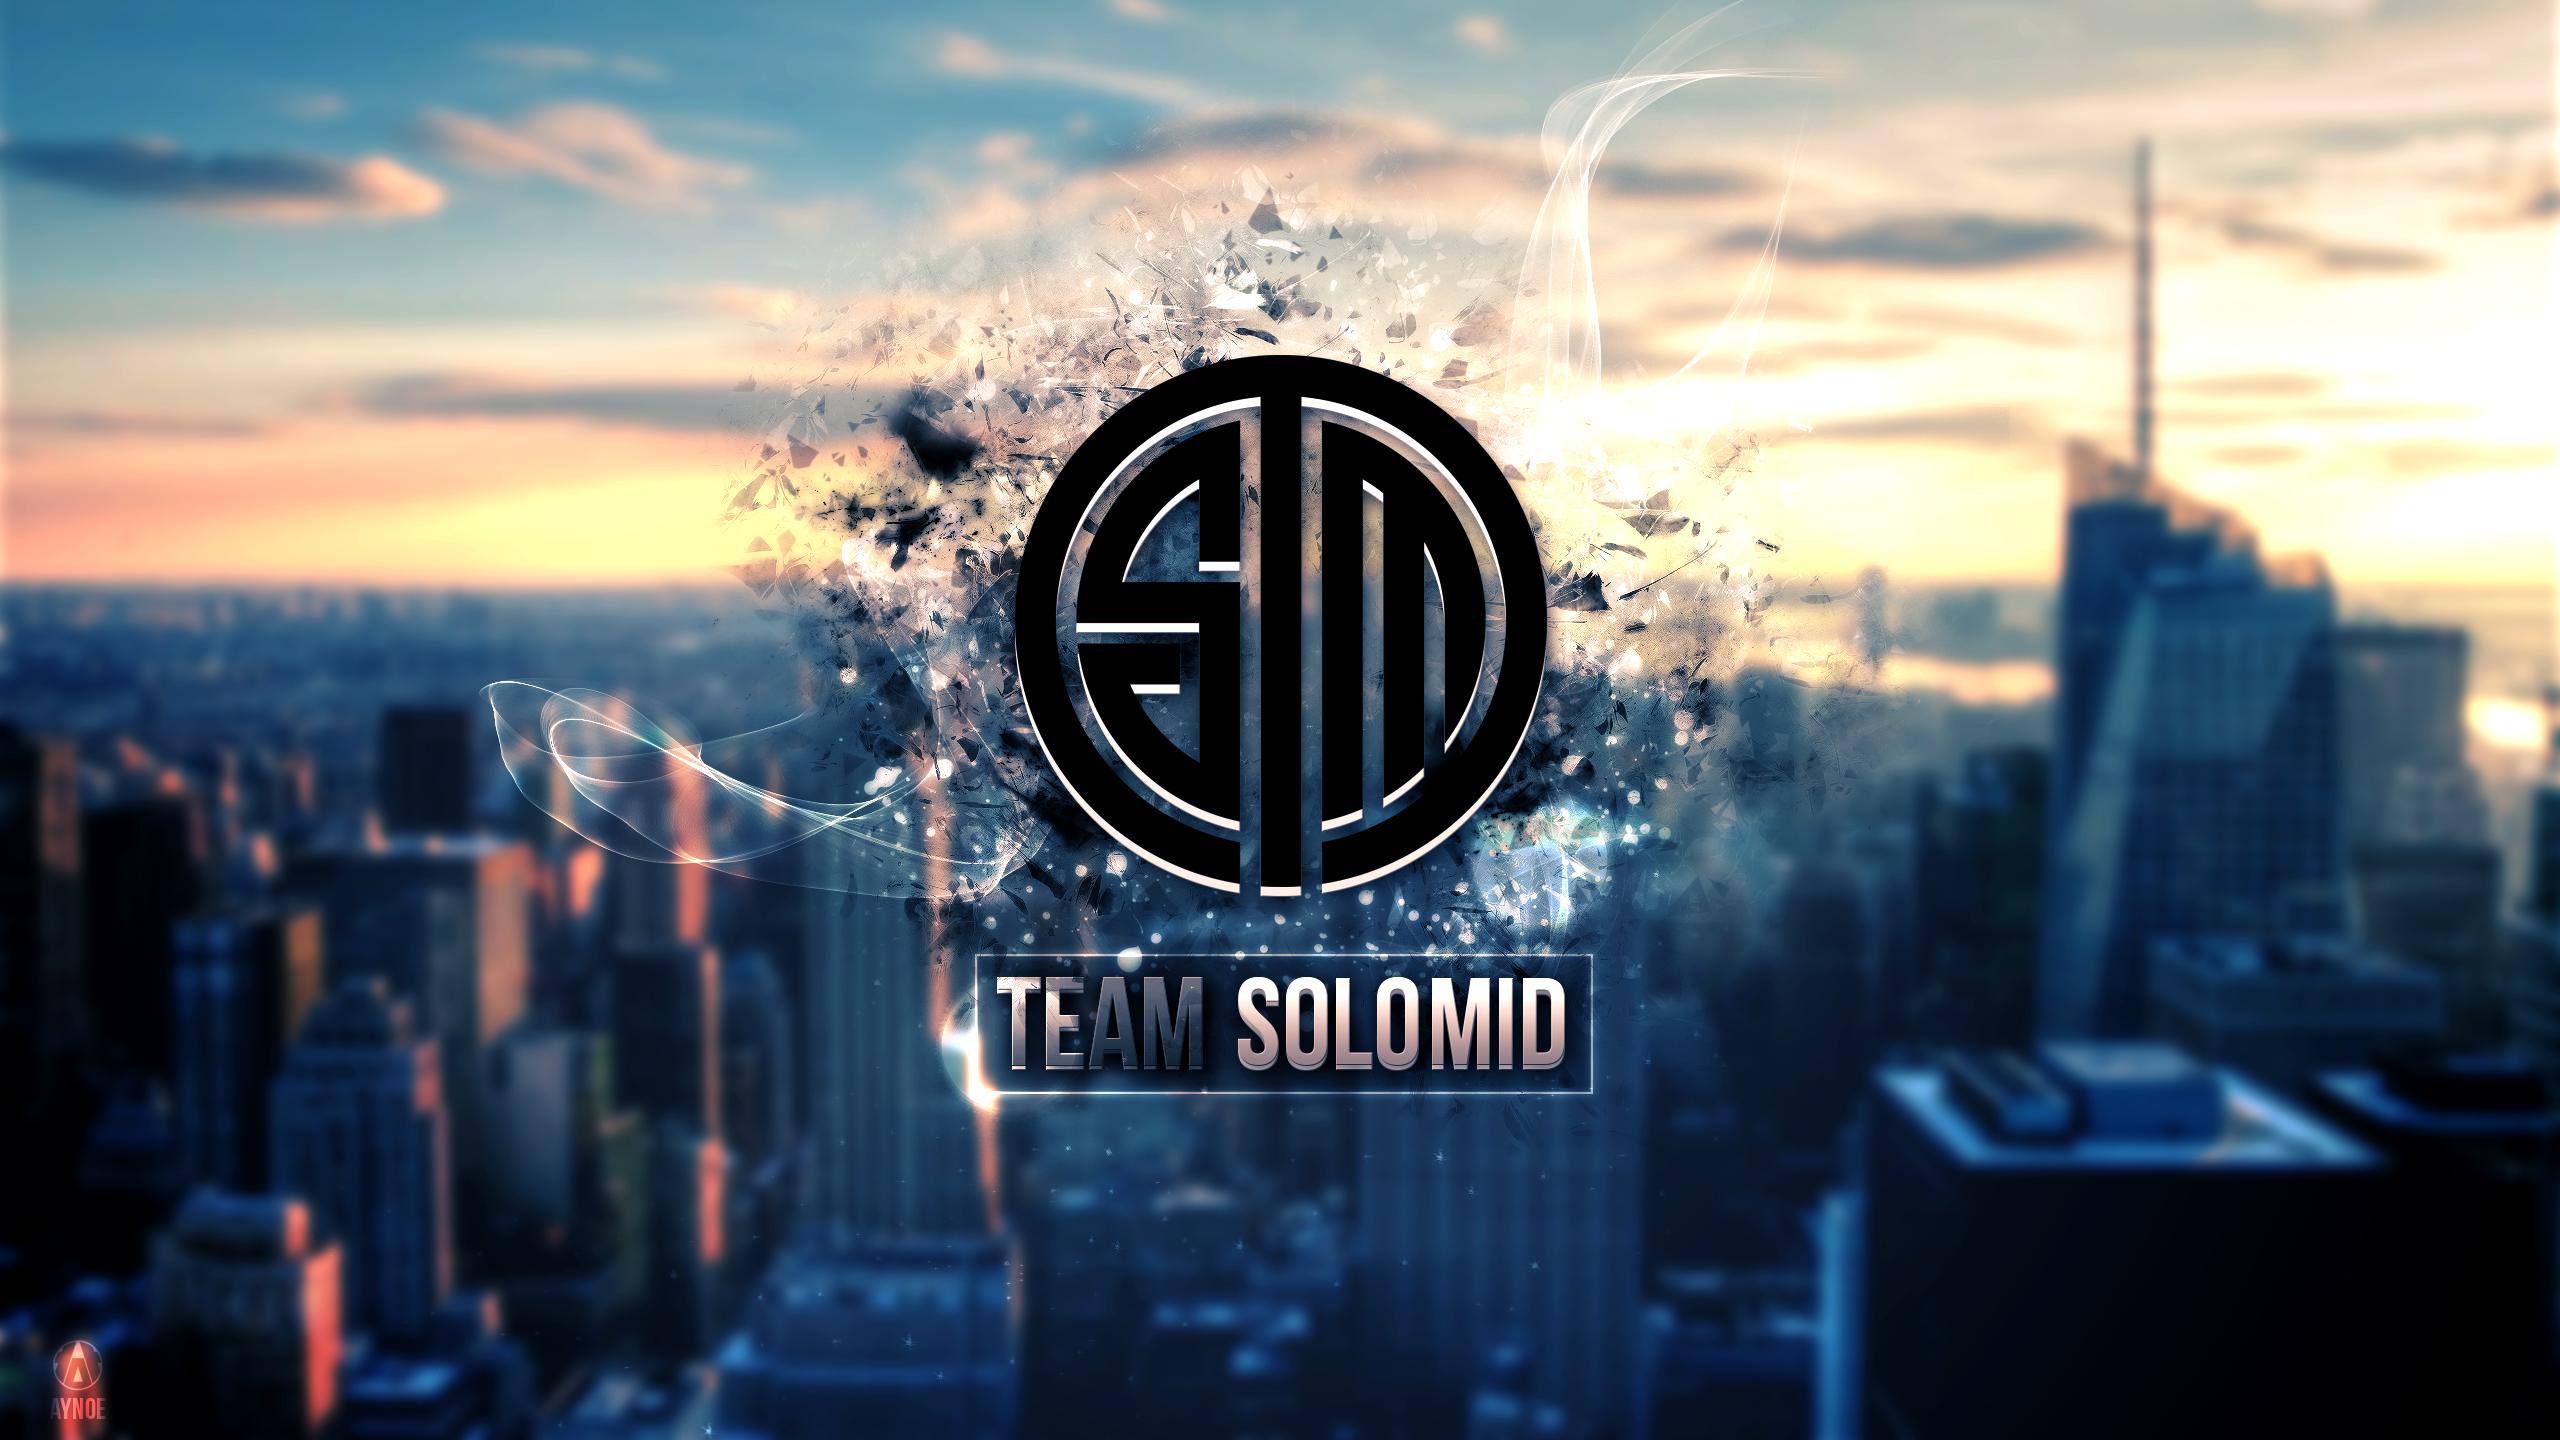 team solomid 2 wallpaper logo league of legends by aynoe